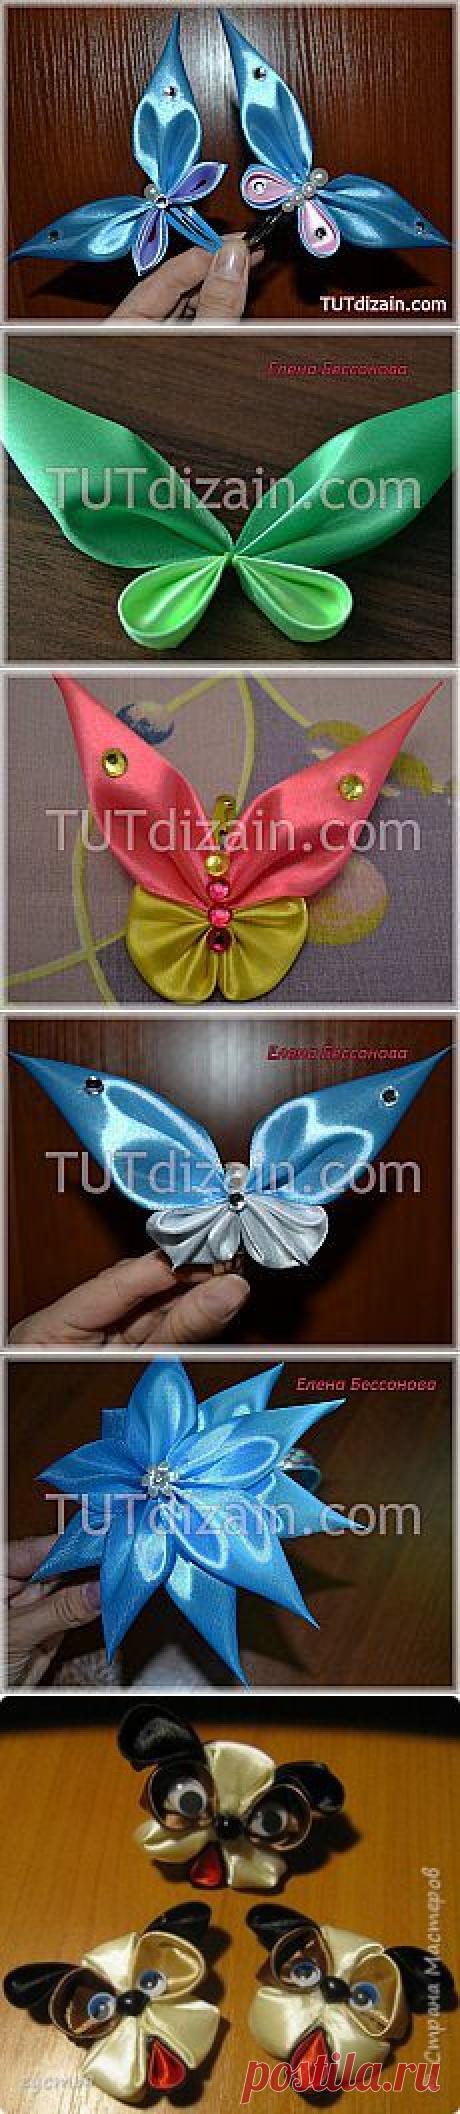 Бабочка из ленты. Мастер-класс » Планета рукоделия | Канзаши